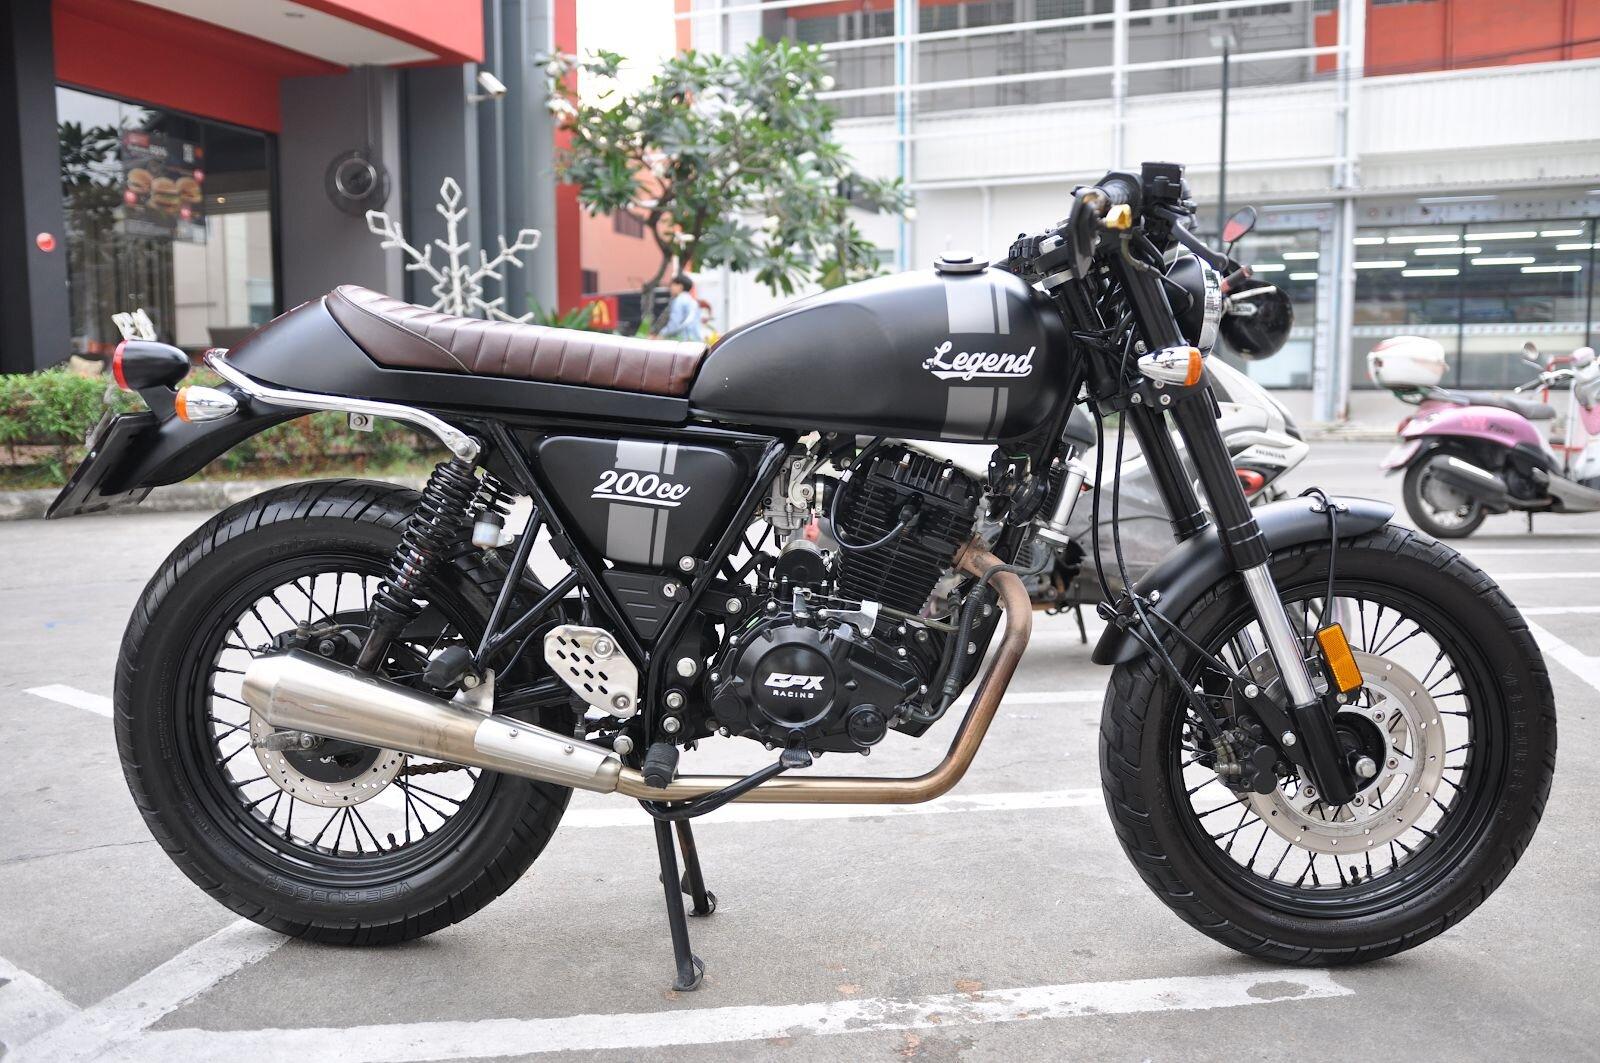 GPX Legan mang phong cách cổ điển đến từ Thái Lan